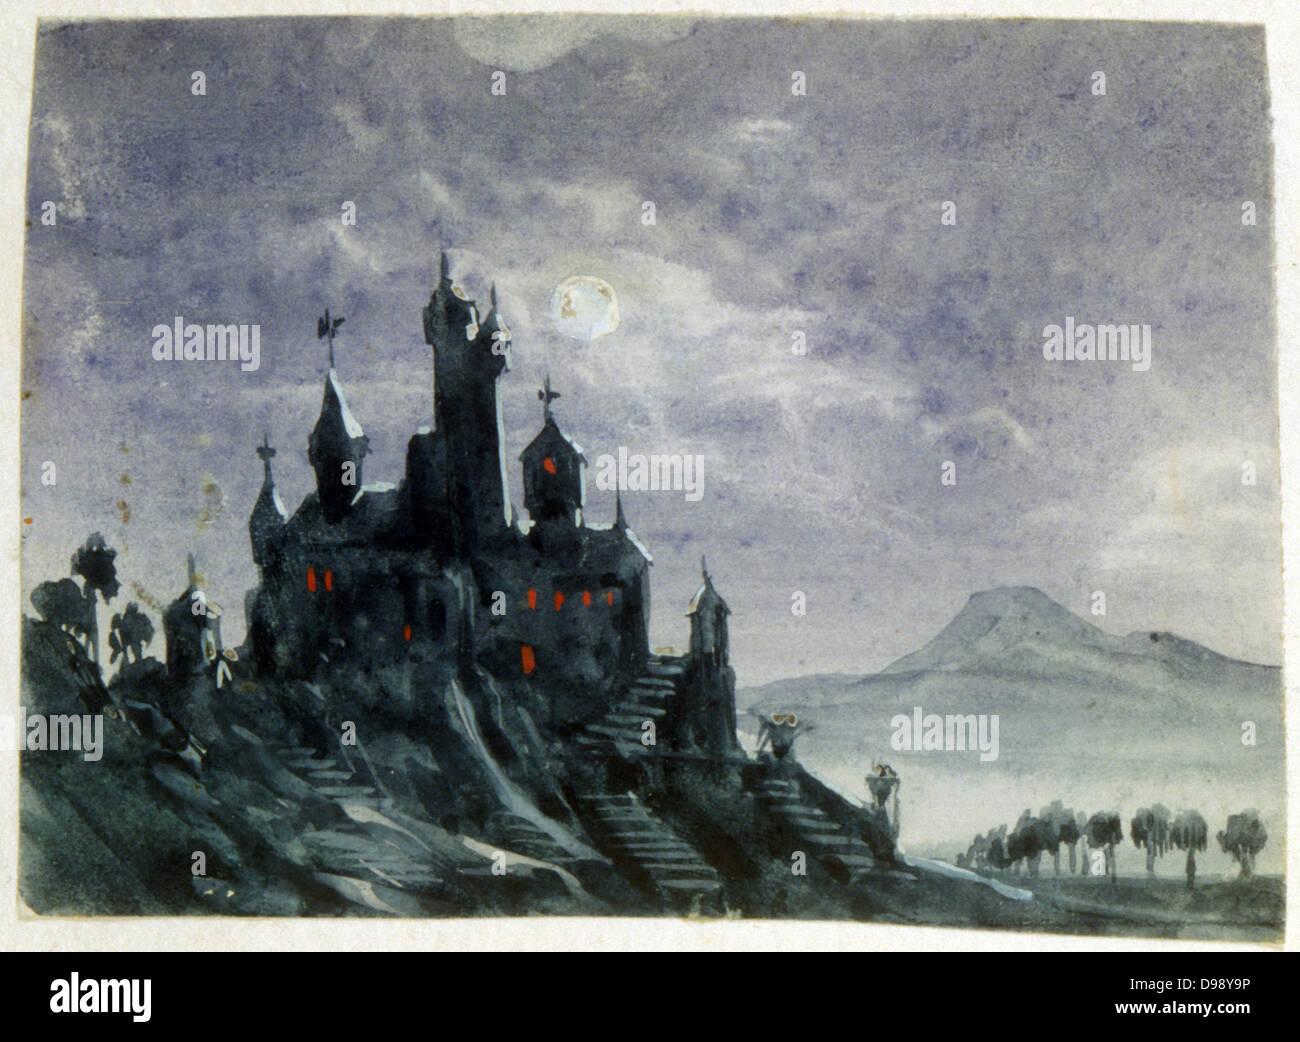 Vue d'un château fantastique au clair de lune'. Aquarelle et gouache. Aurore Amadine Lucie Dupin (1804 Photo Stock